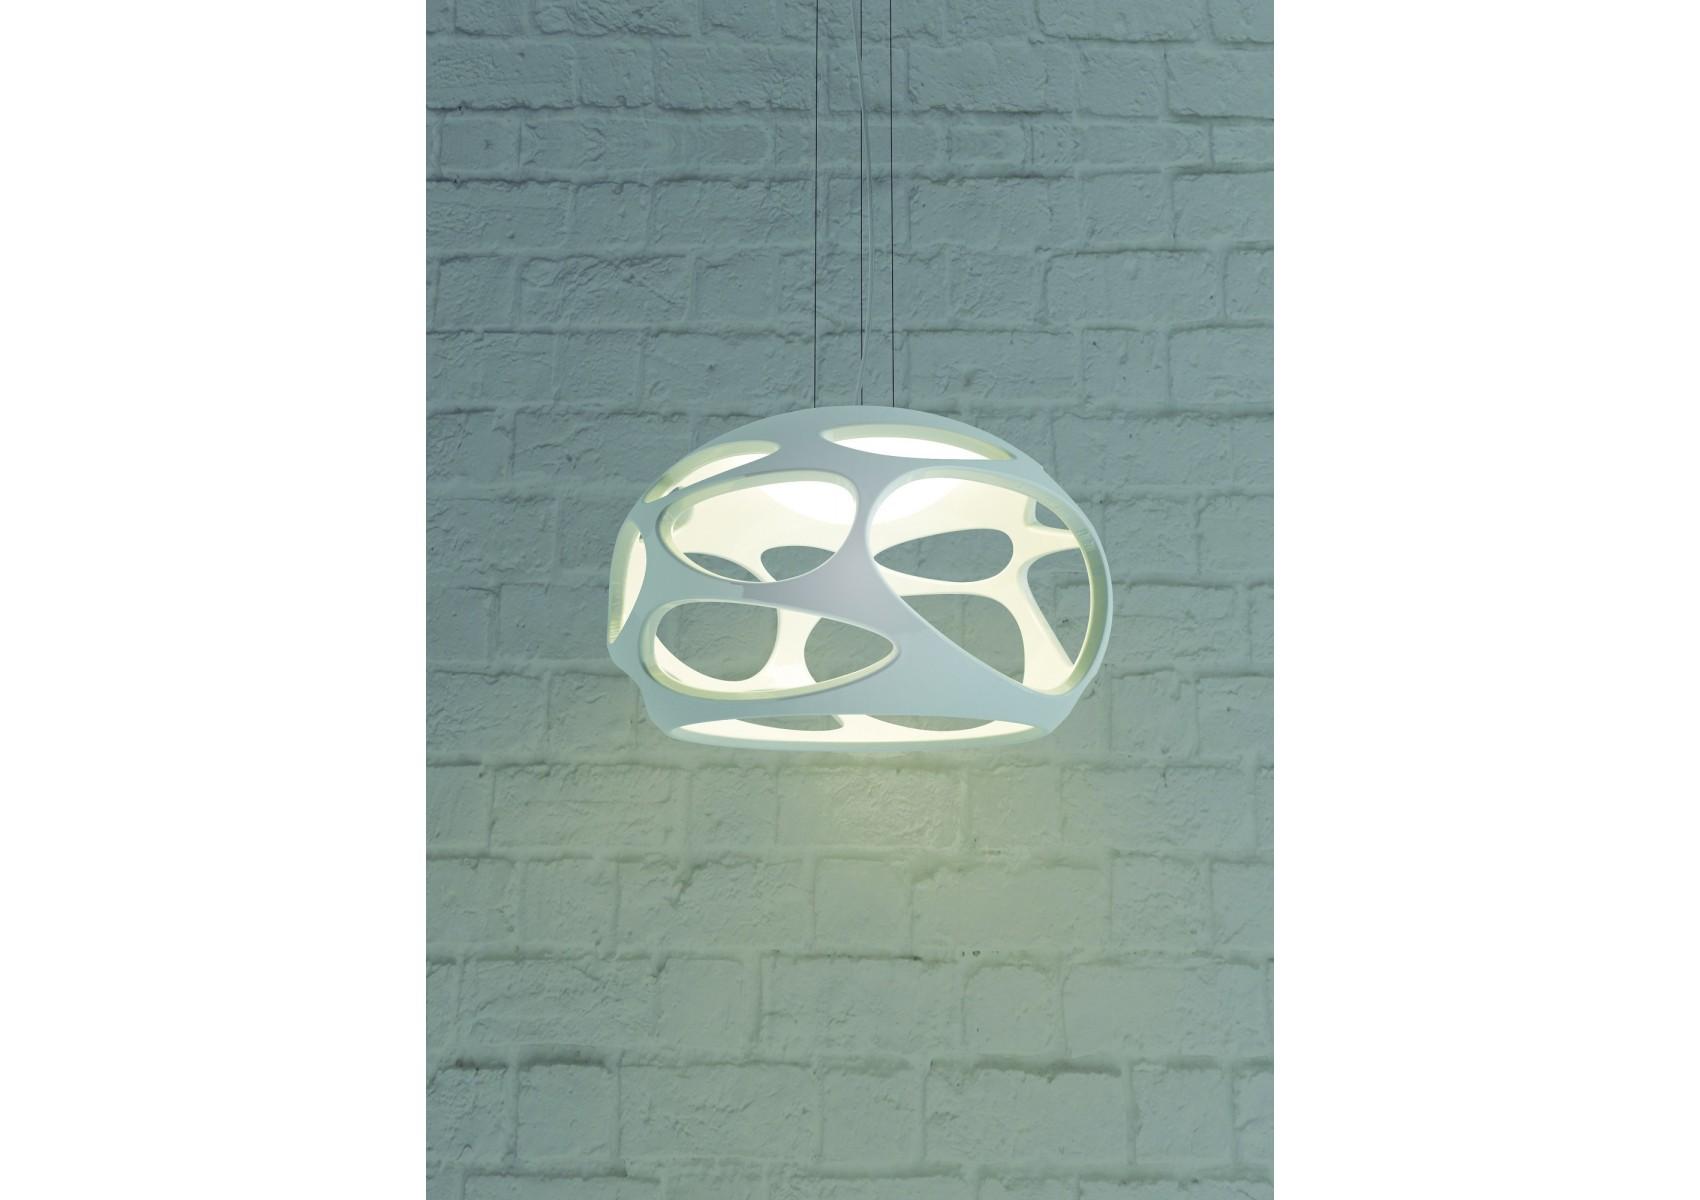 Grande suspension design organica boite design - Grande suspension design ...